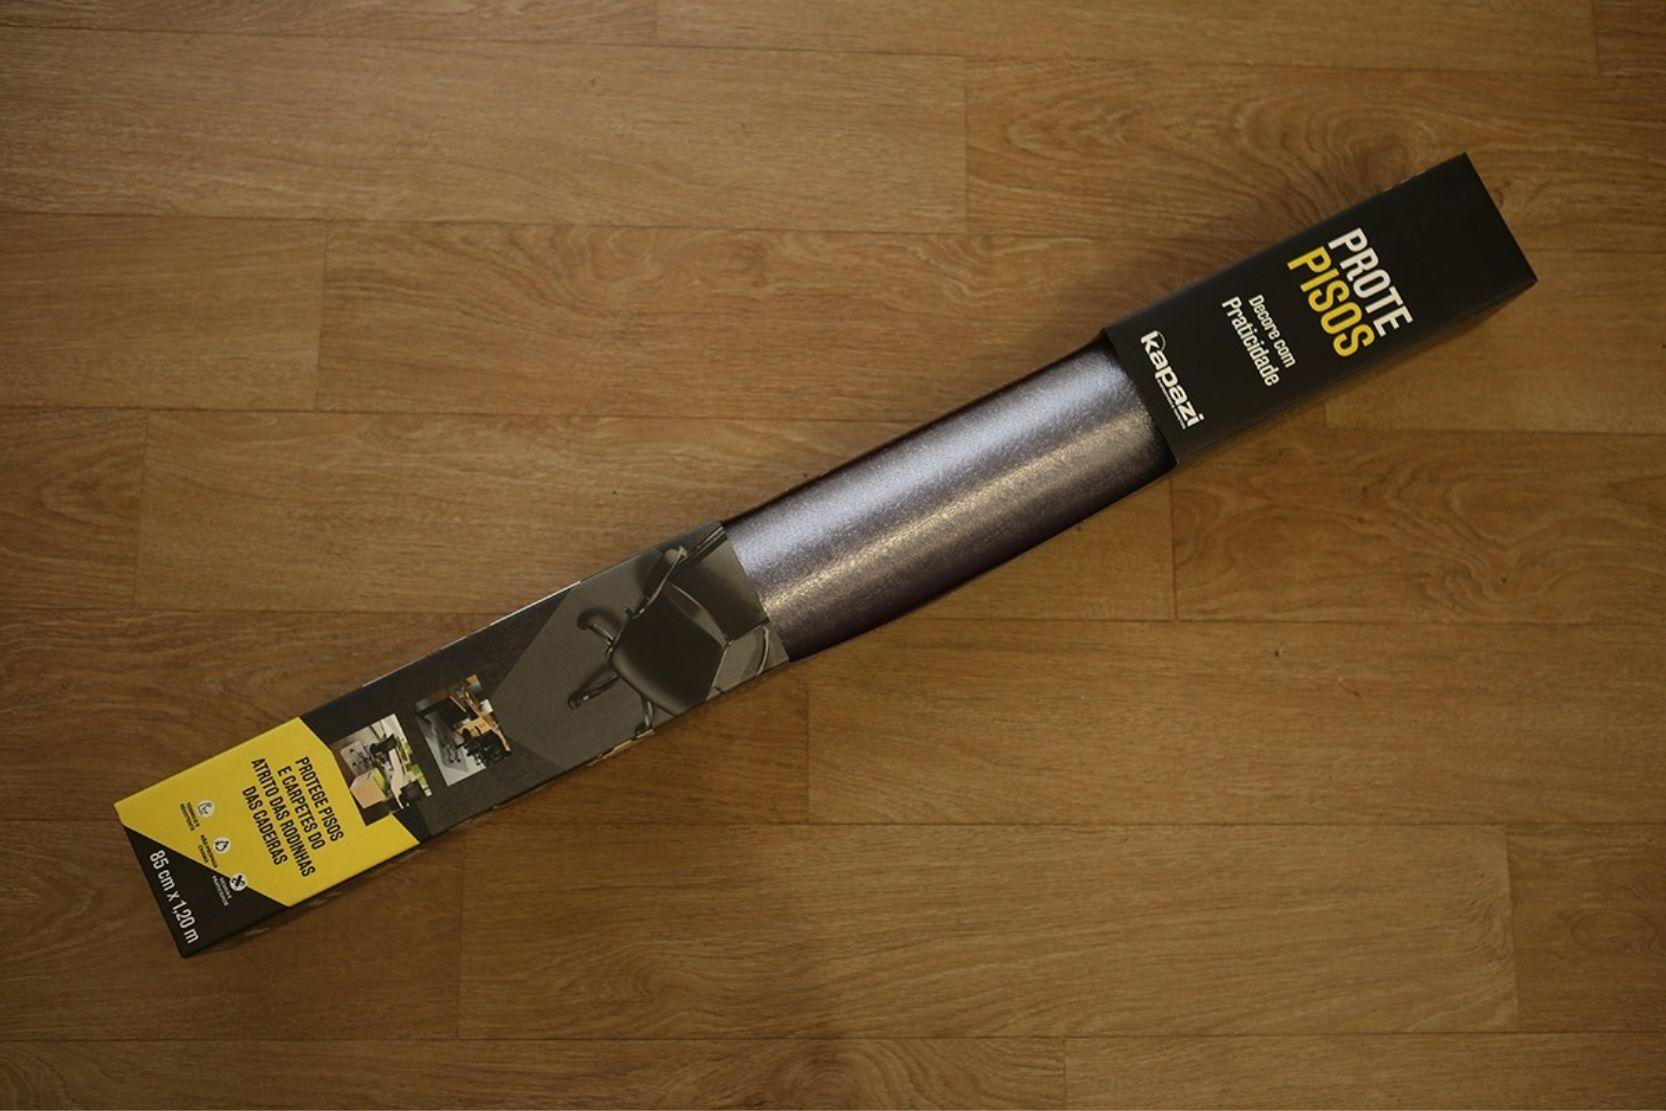 protepiso flexível transparente p/ madeira ou piso